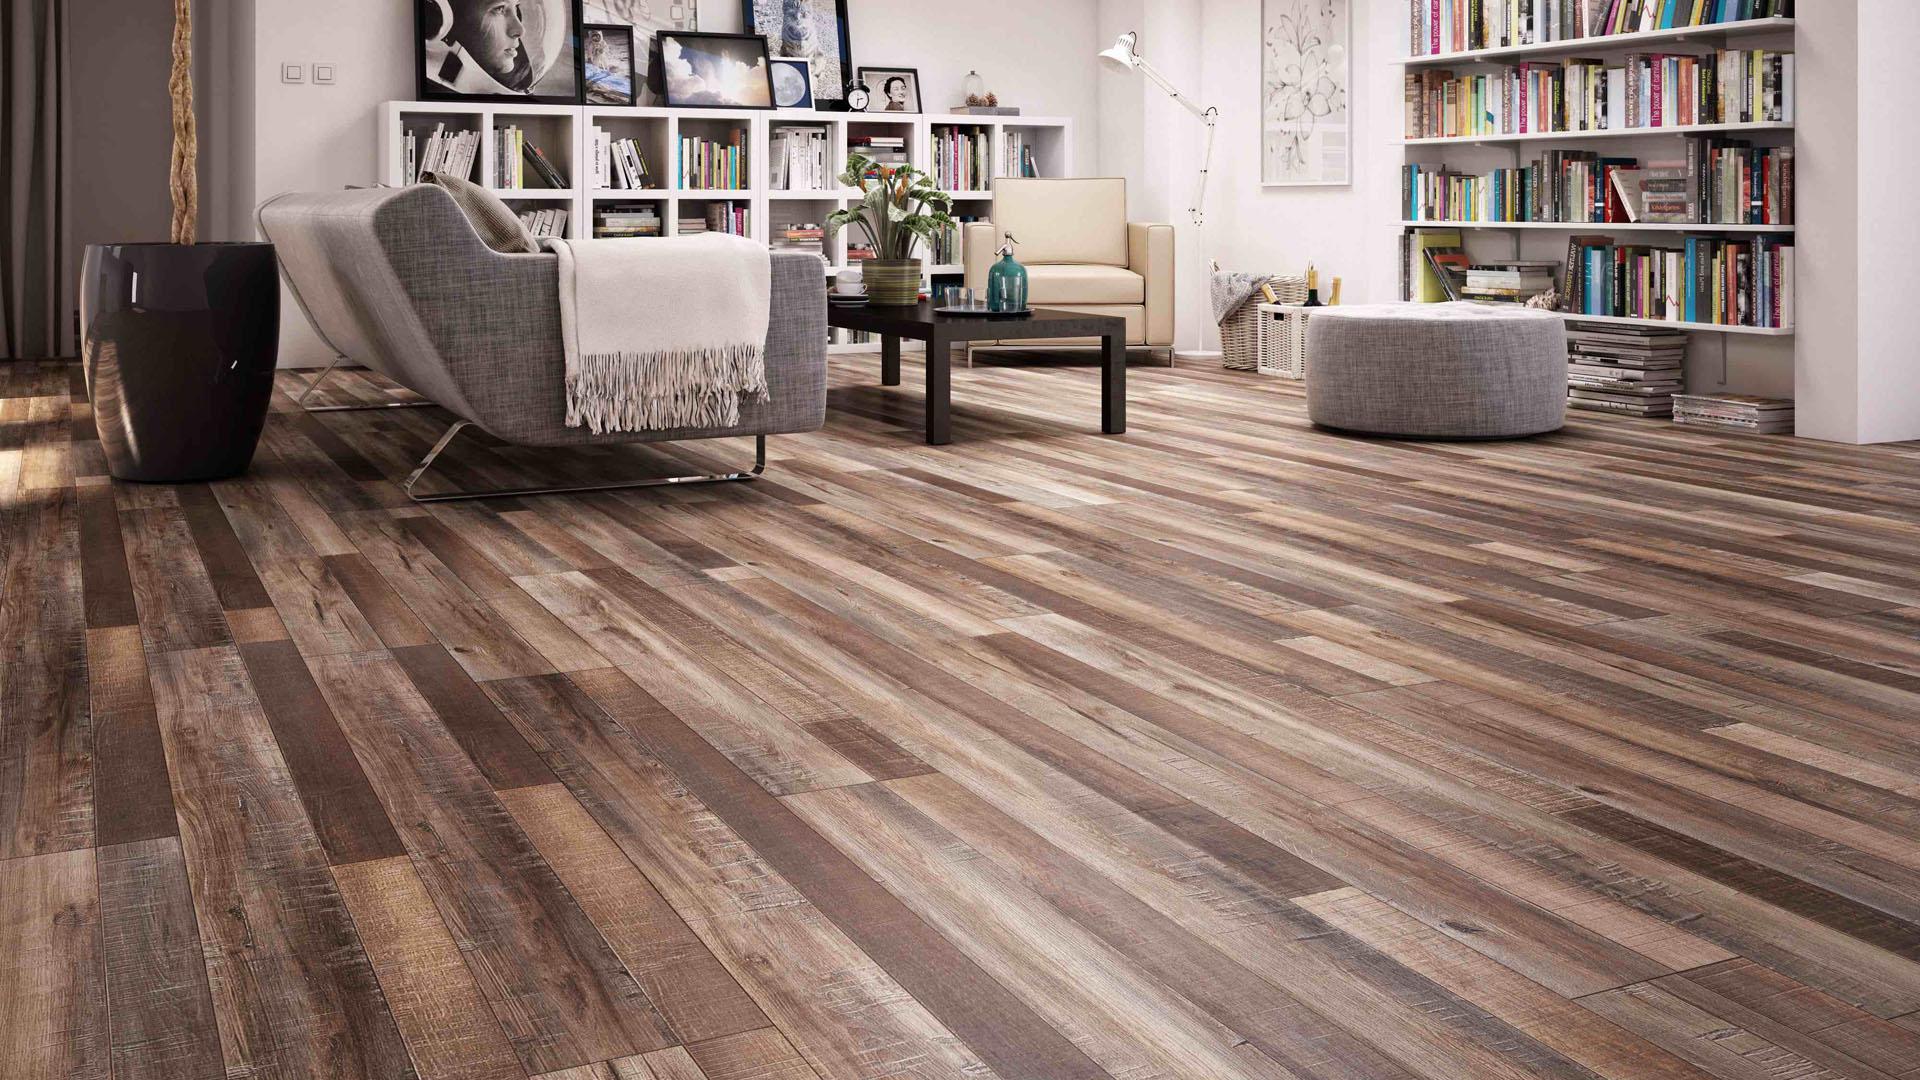 merlok-flooring.jpg